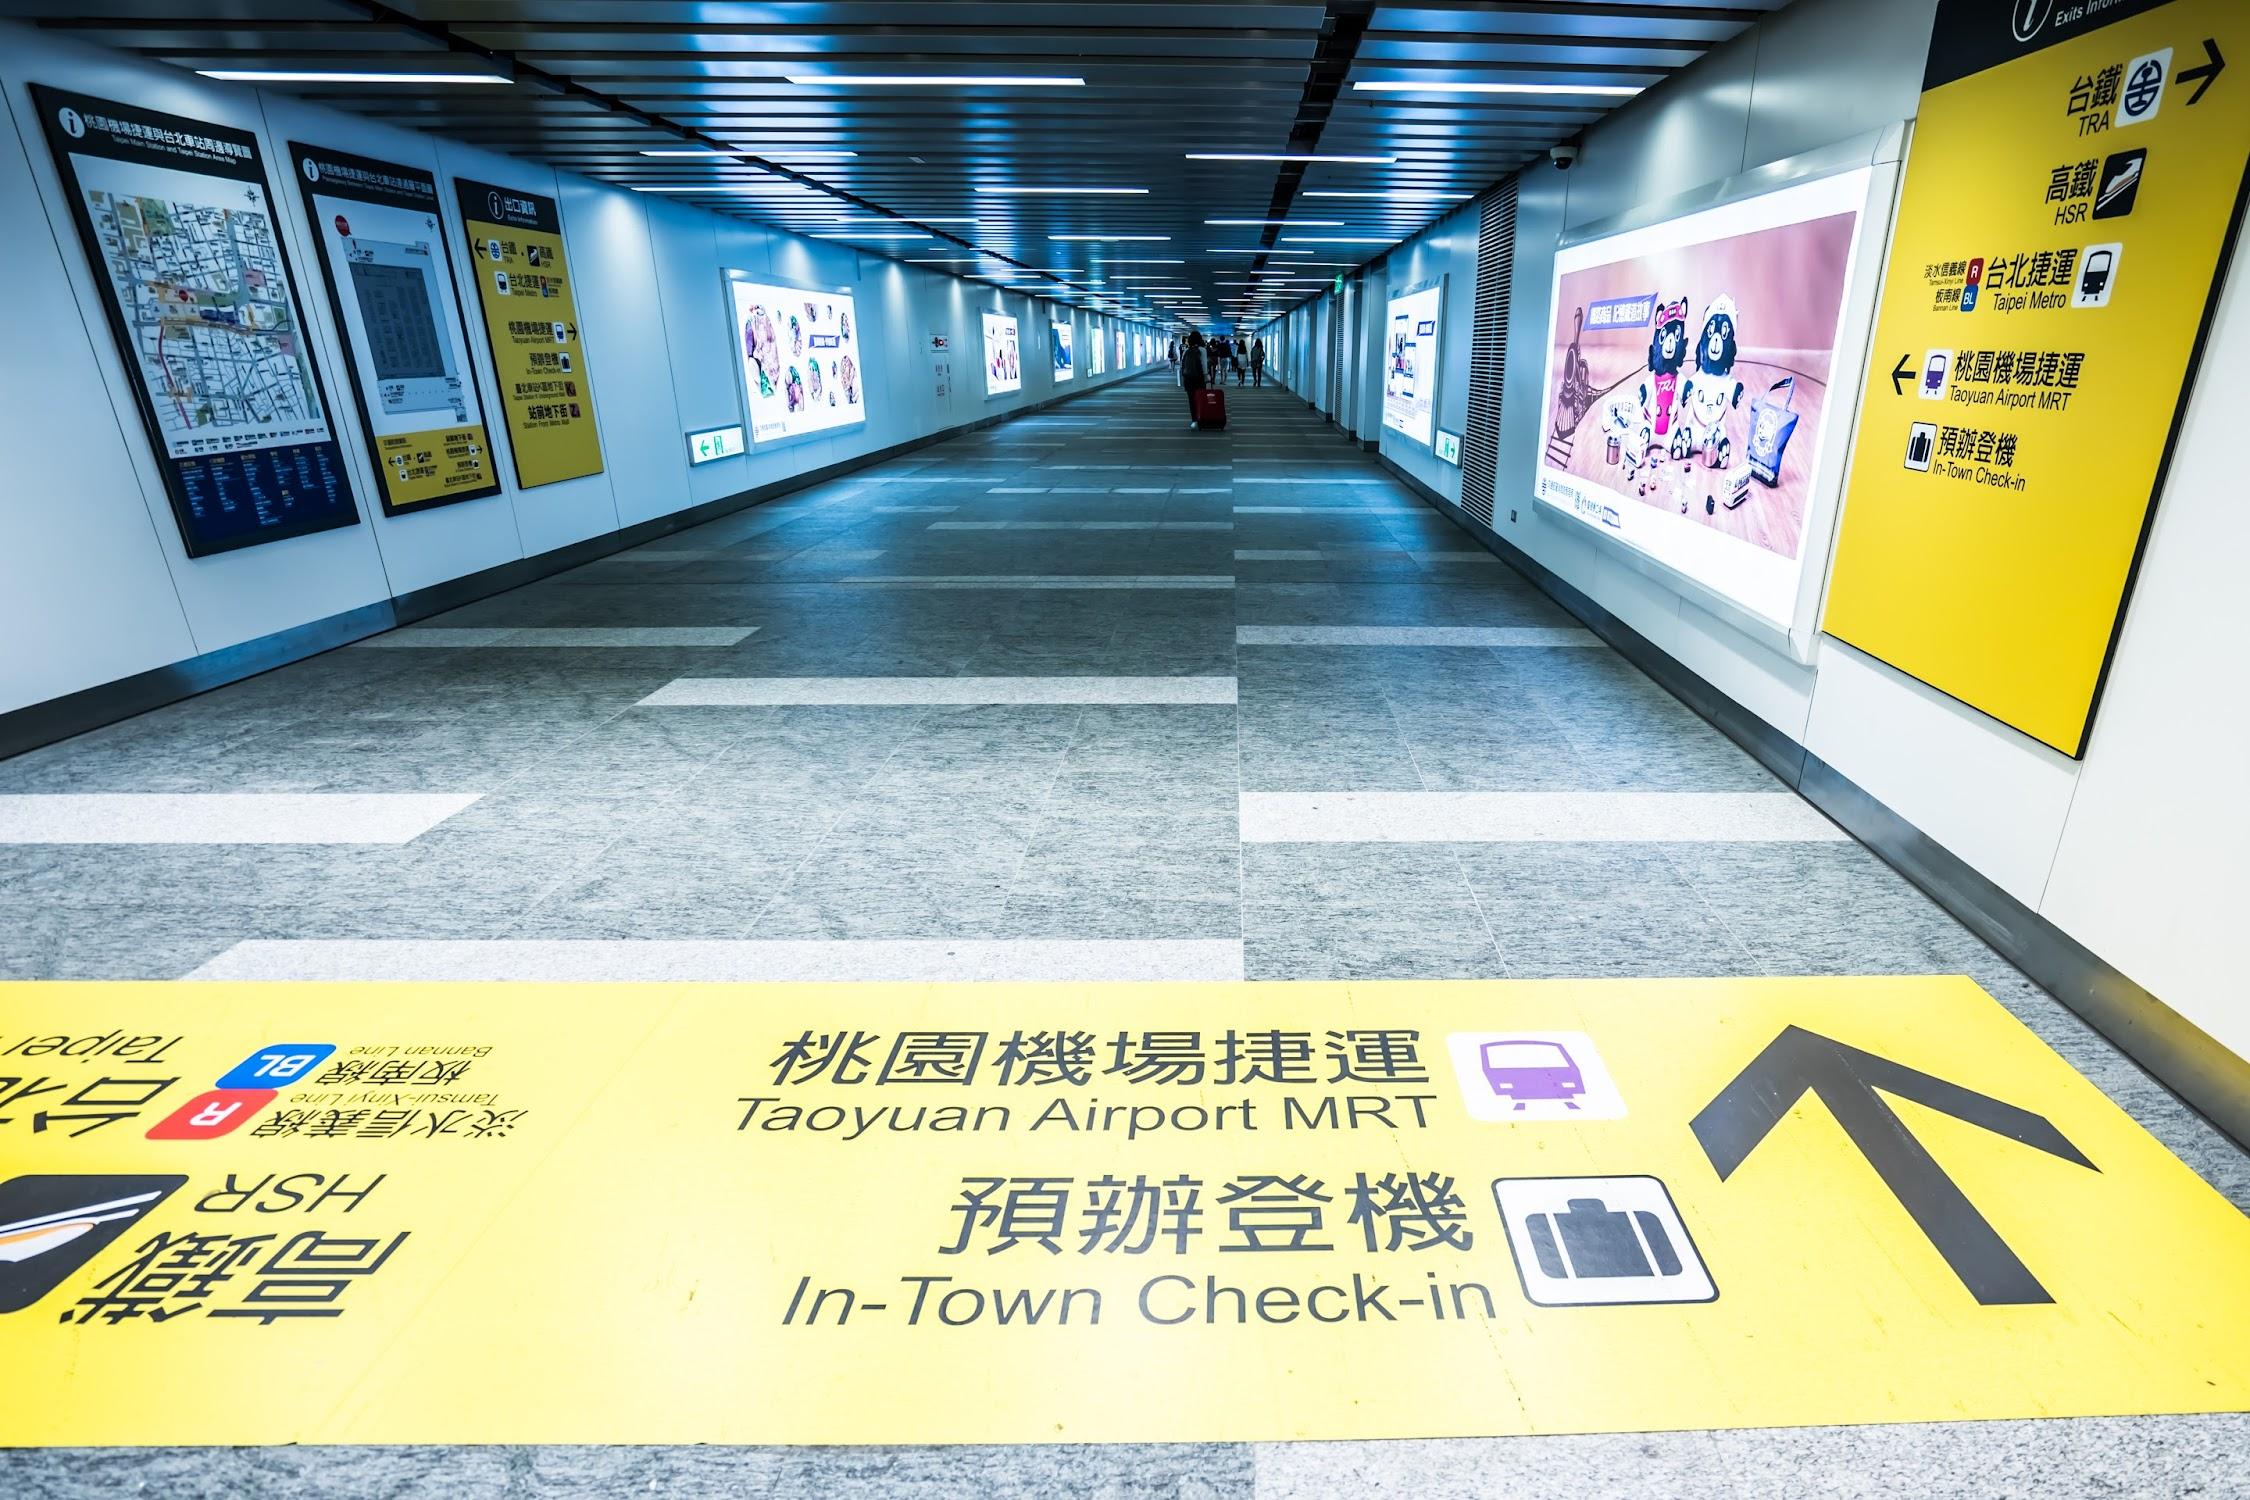 桃園国際空港MRT1